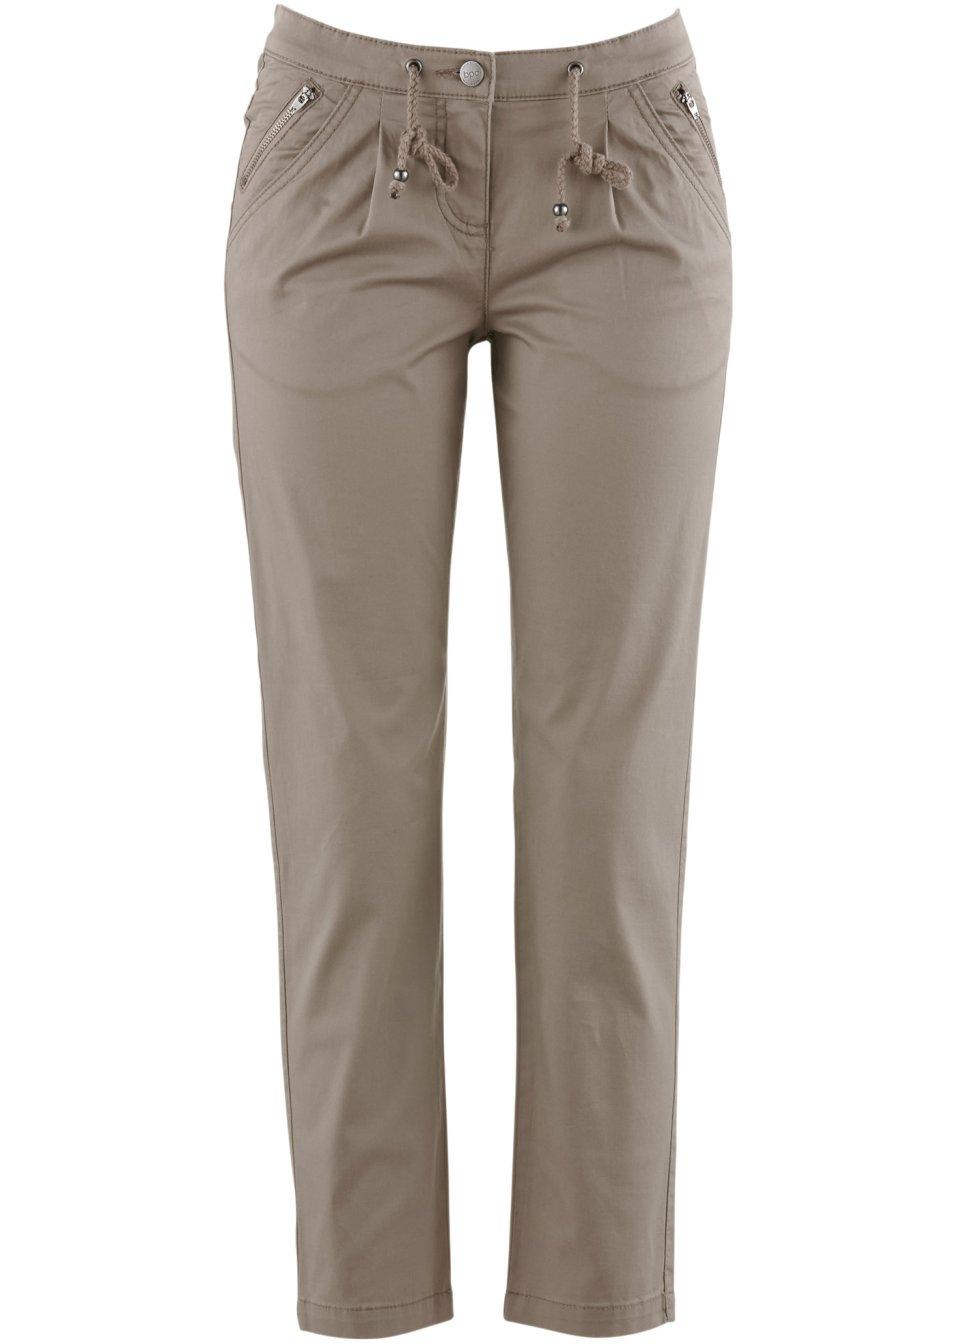 pantalone 7 8 con cerniere marroncino donna. Black Bedroom Furniture Sets. Home Design Ideas